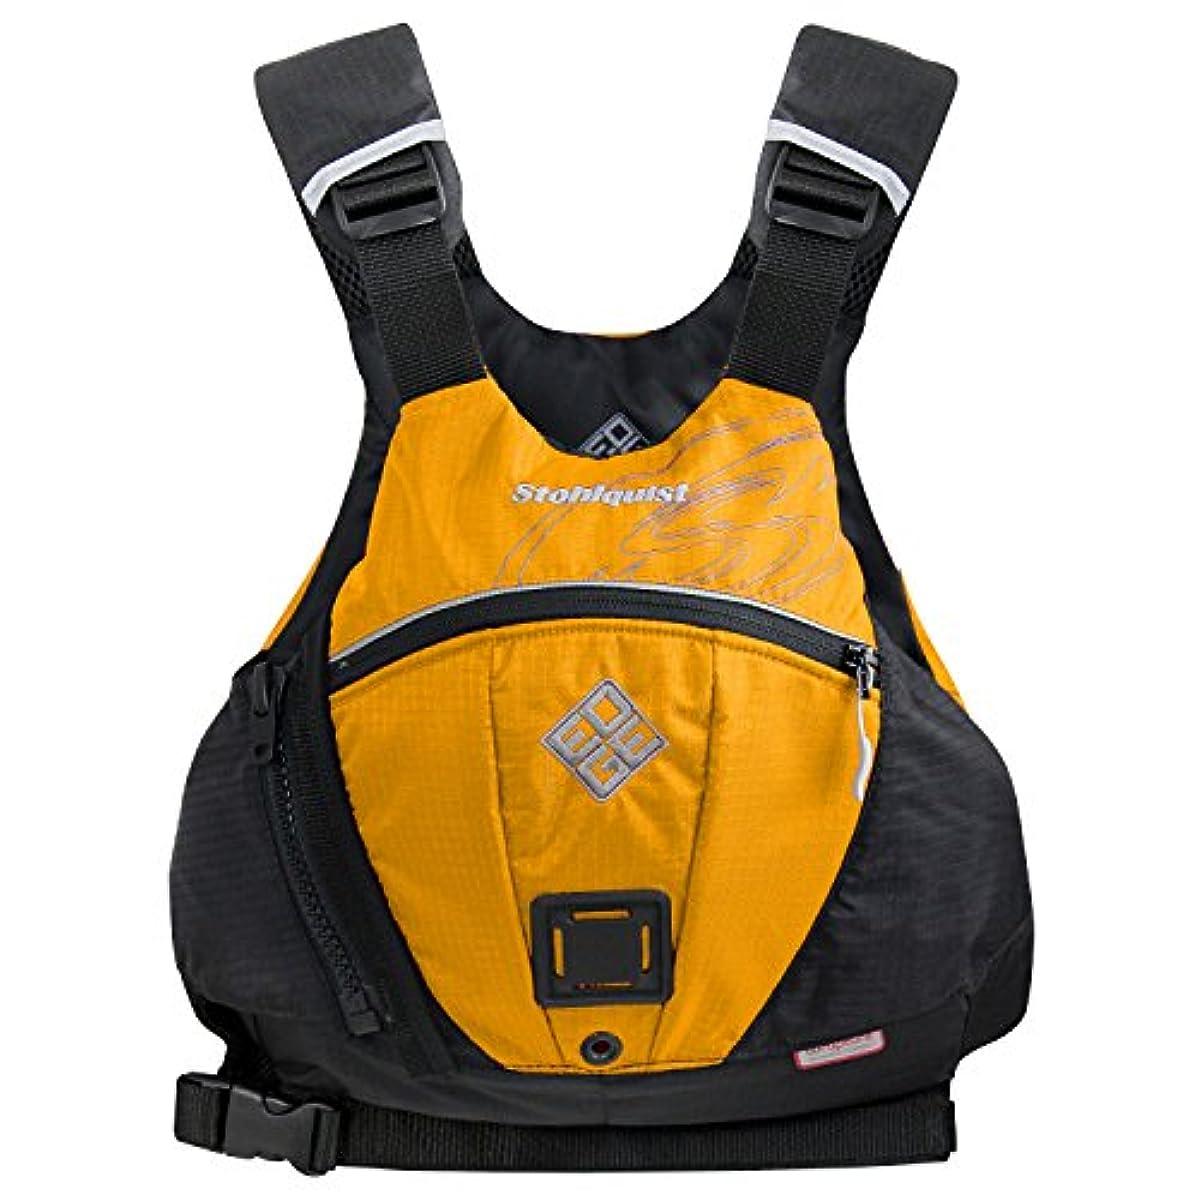 [해외] STOHLQUIST엣지 개인FLOTATION DEVICE-523405